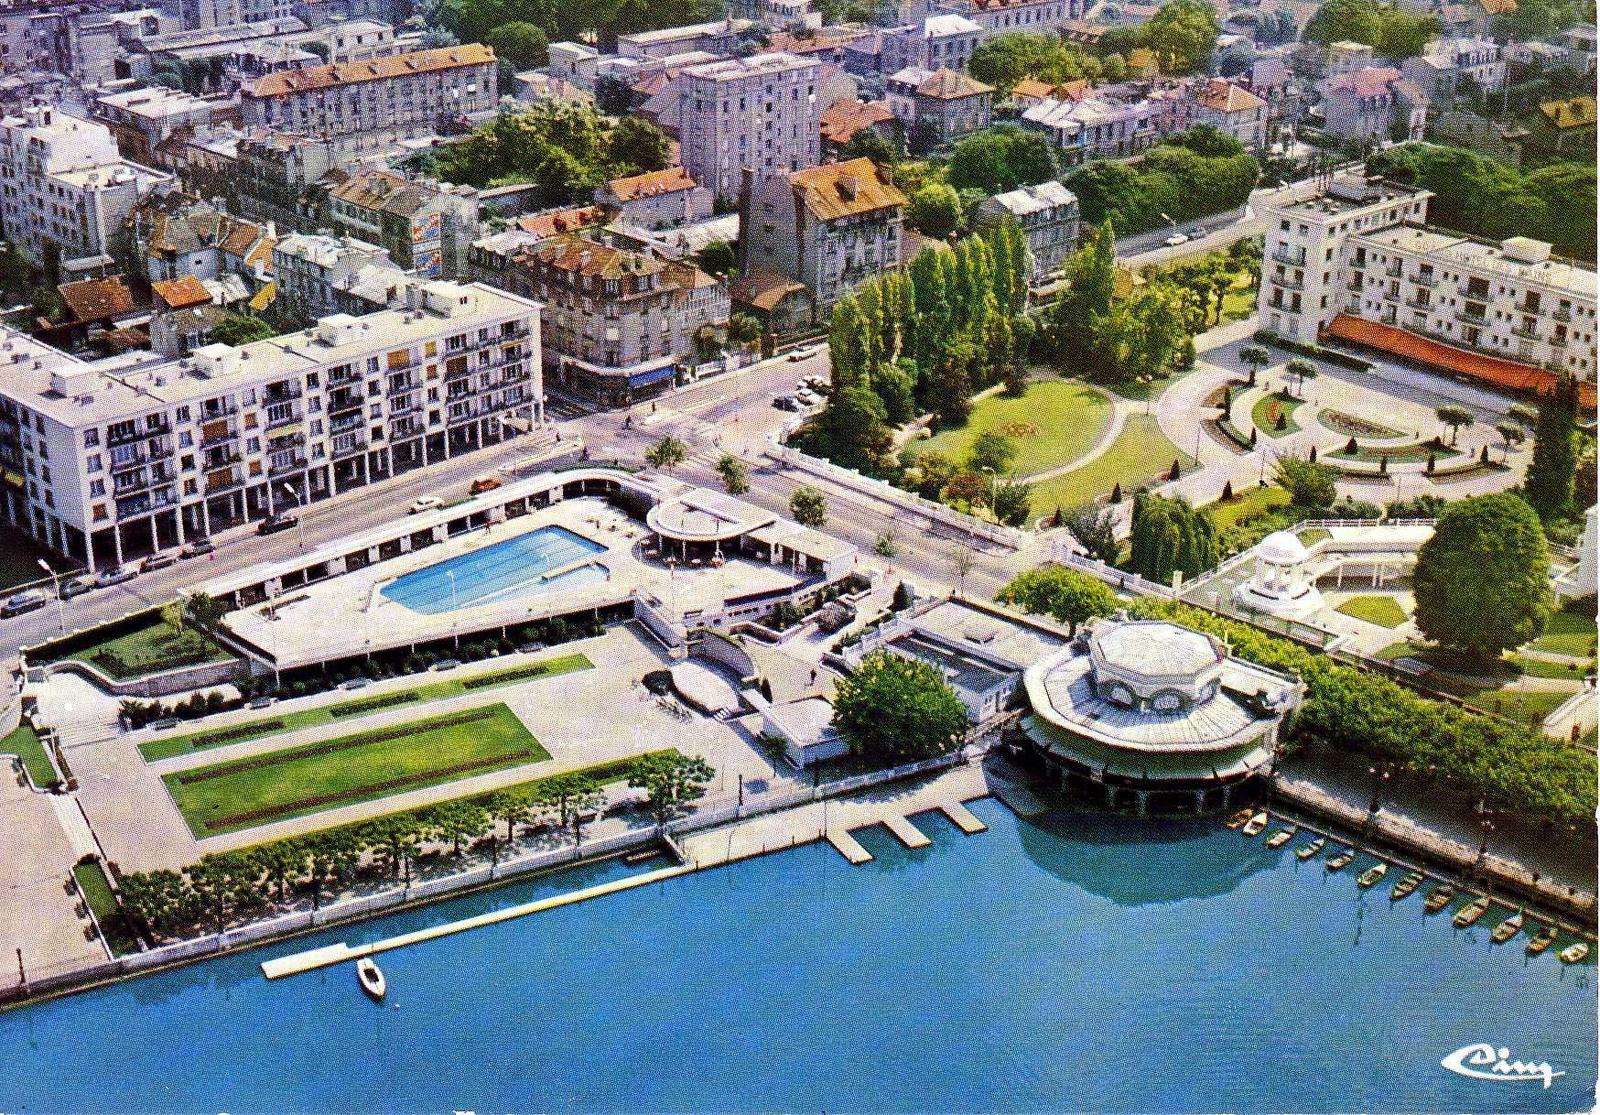 Enghien-Les-Bains - Recherche De Cartes Postales - Geneanet destiné Piscine Enghien Les Bains